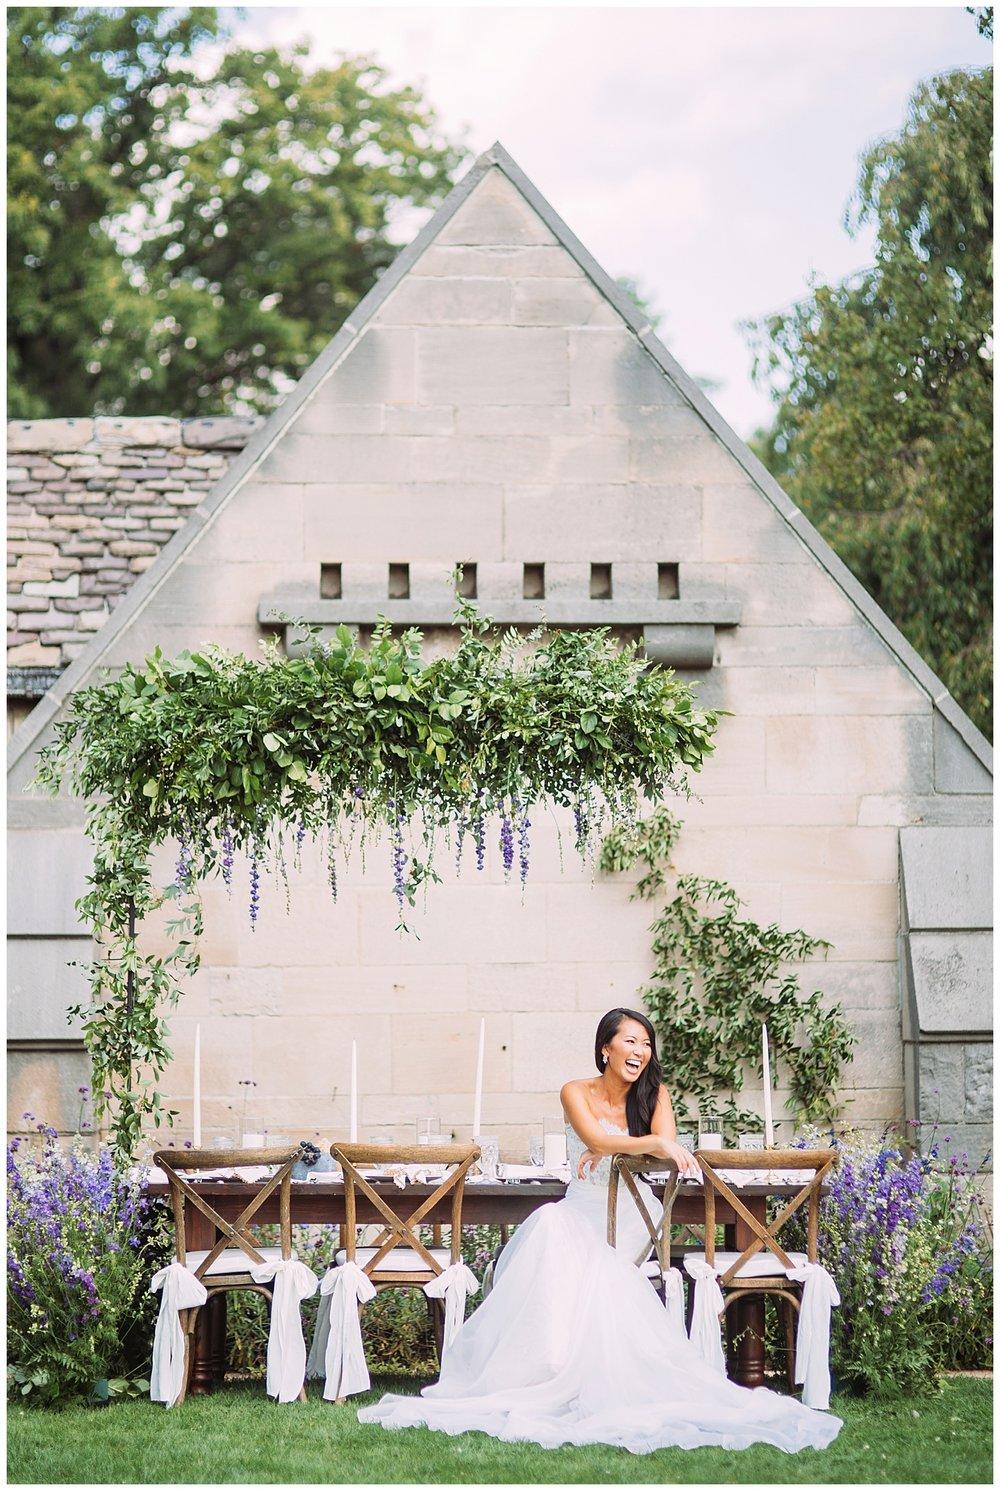 Hartwood Acres Mansion Wedding Inspiration  | Provence Style Wedding Inspiration | Pittsburgh, PA | www.redoakweddings.com